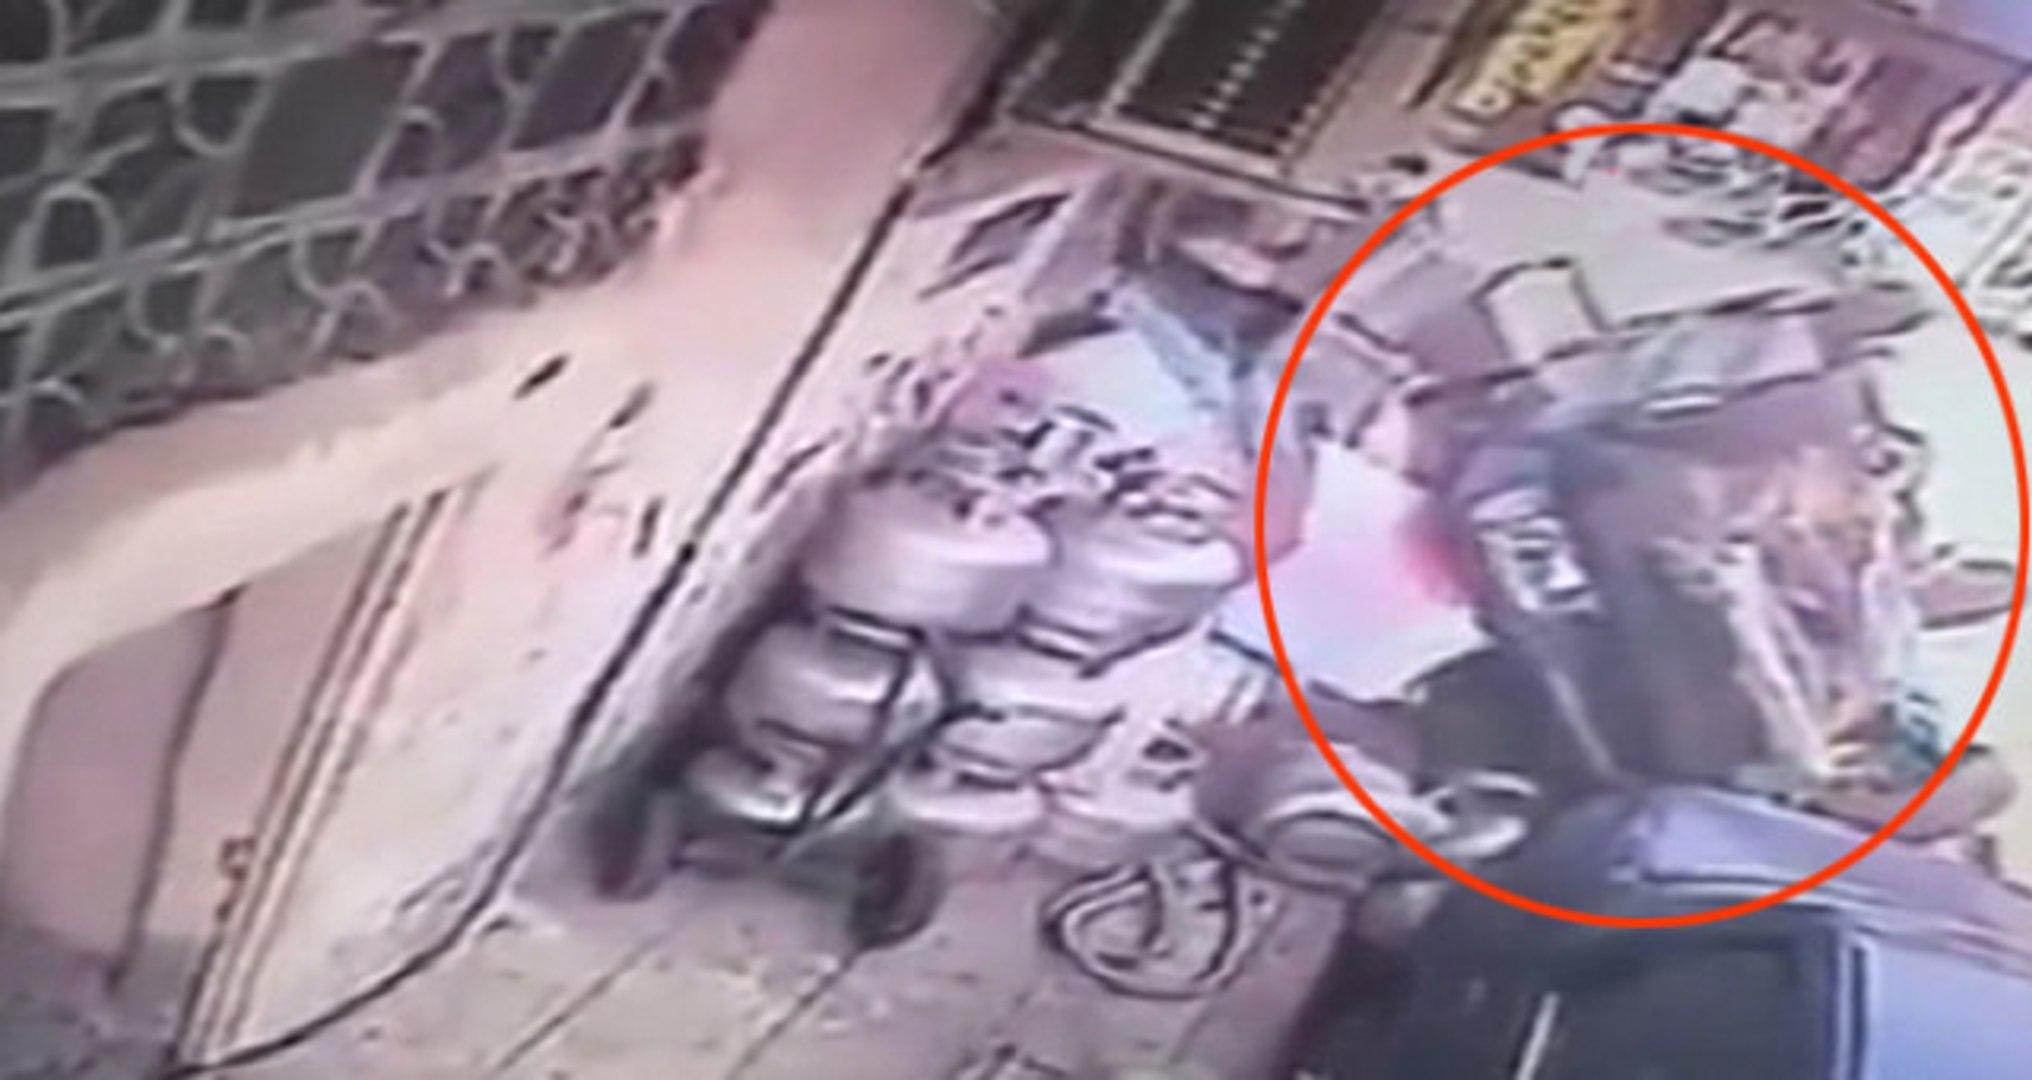 Kontrolden Çıkan Otomobil Yayaların Arasına Dalıp Takla Attı! Korkunç Kaza Kamerada